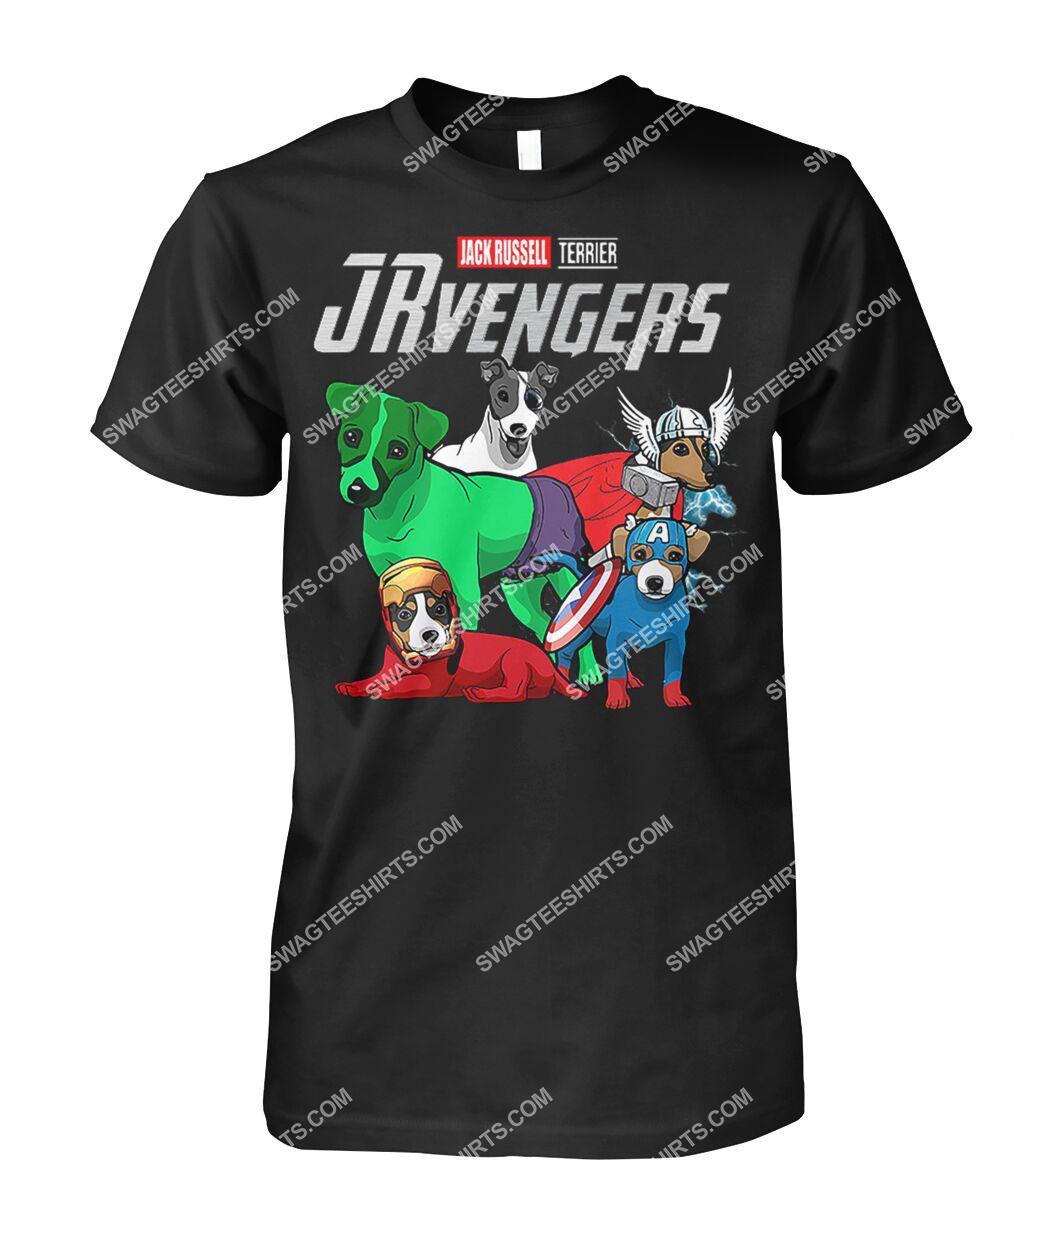 jack russell jrvengers marvel avengers dogs lover tshirt 1